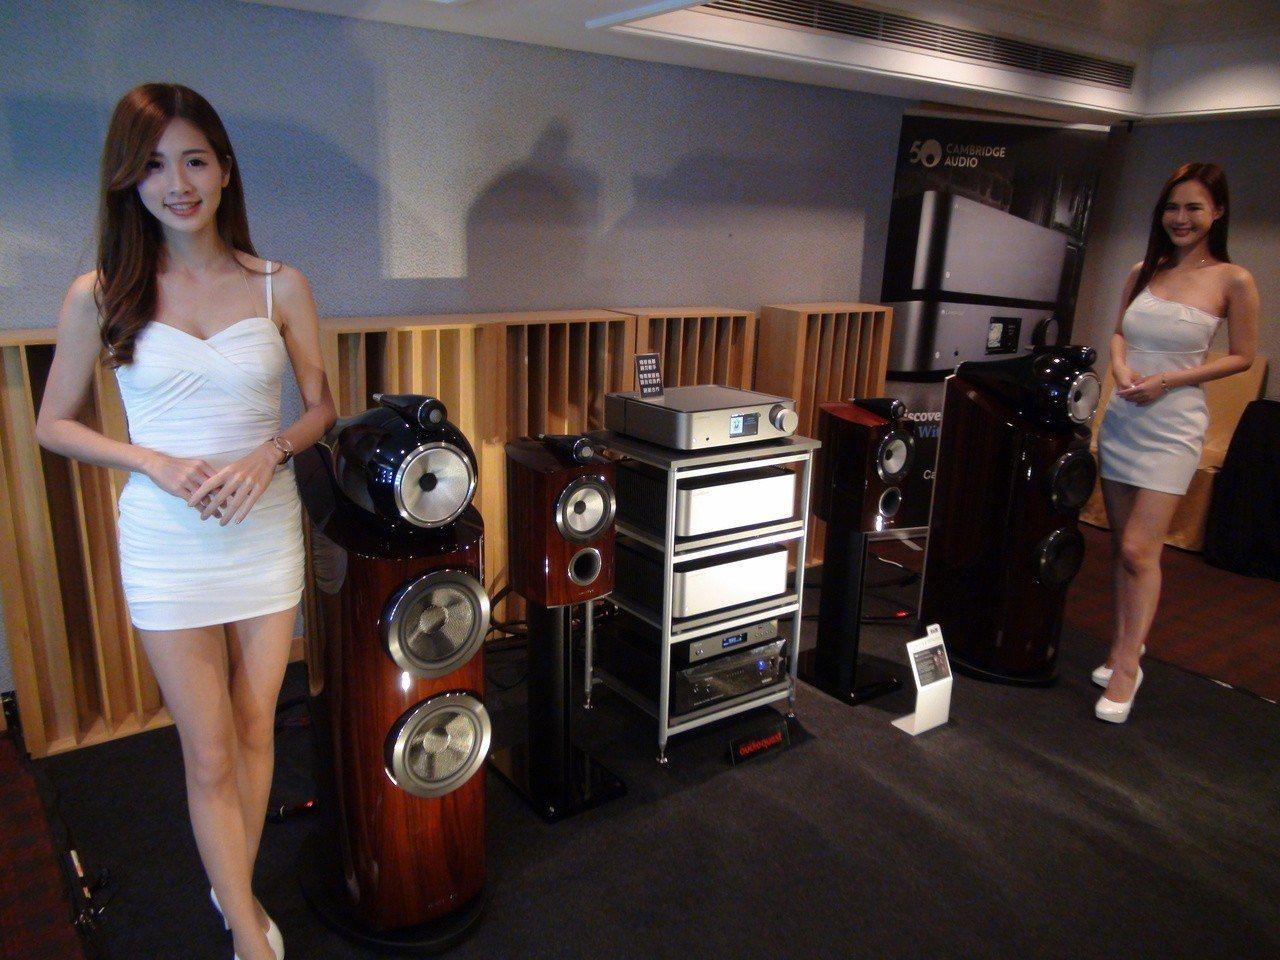 一年一度的音響展在高雄市國賓飯店租用80間房間,包下四個樓層,要讓消費者聆賞好音...